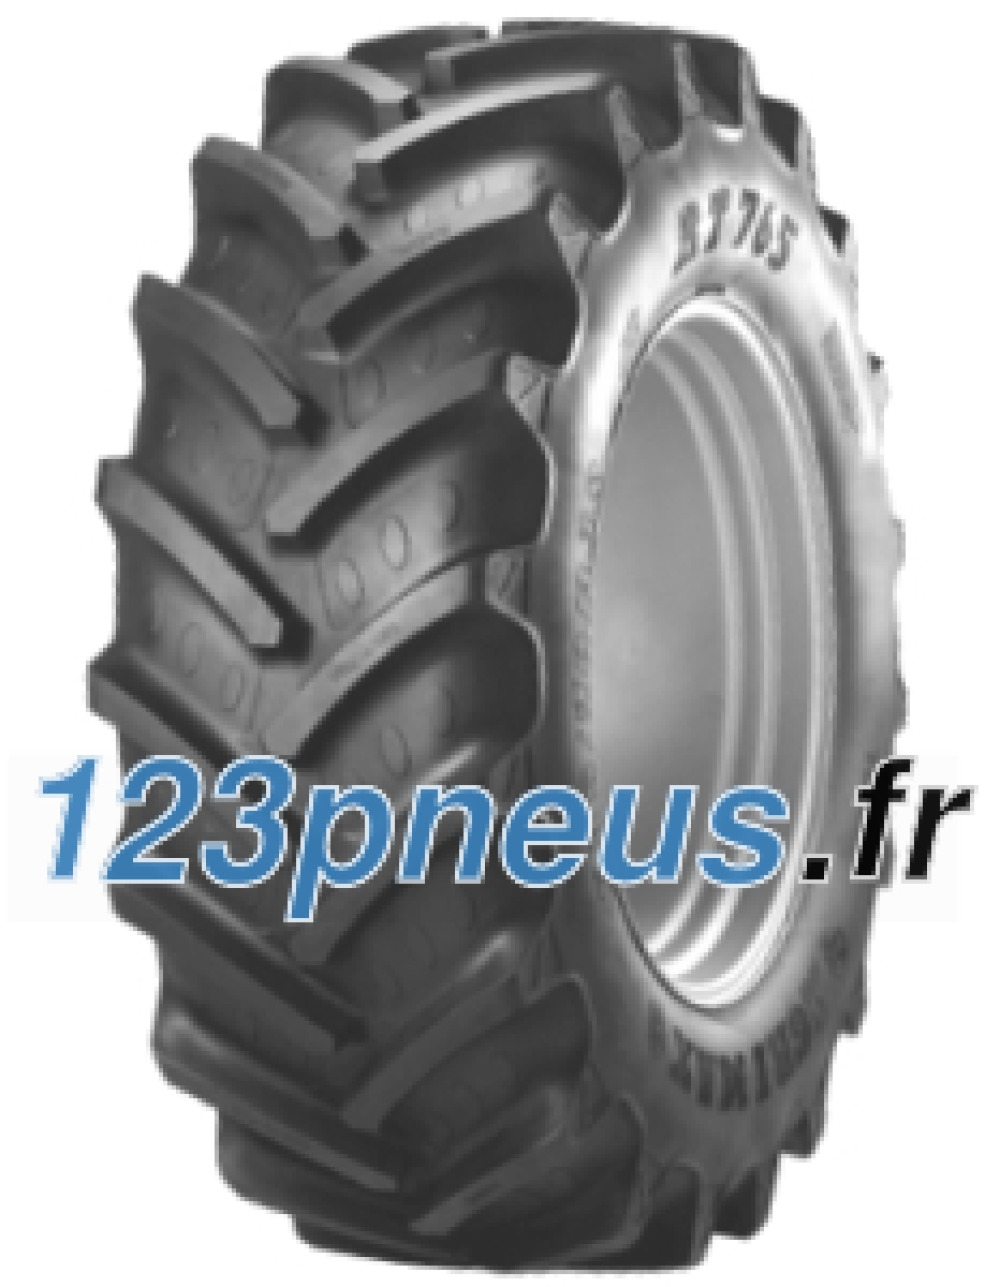 marque_logo